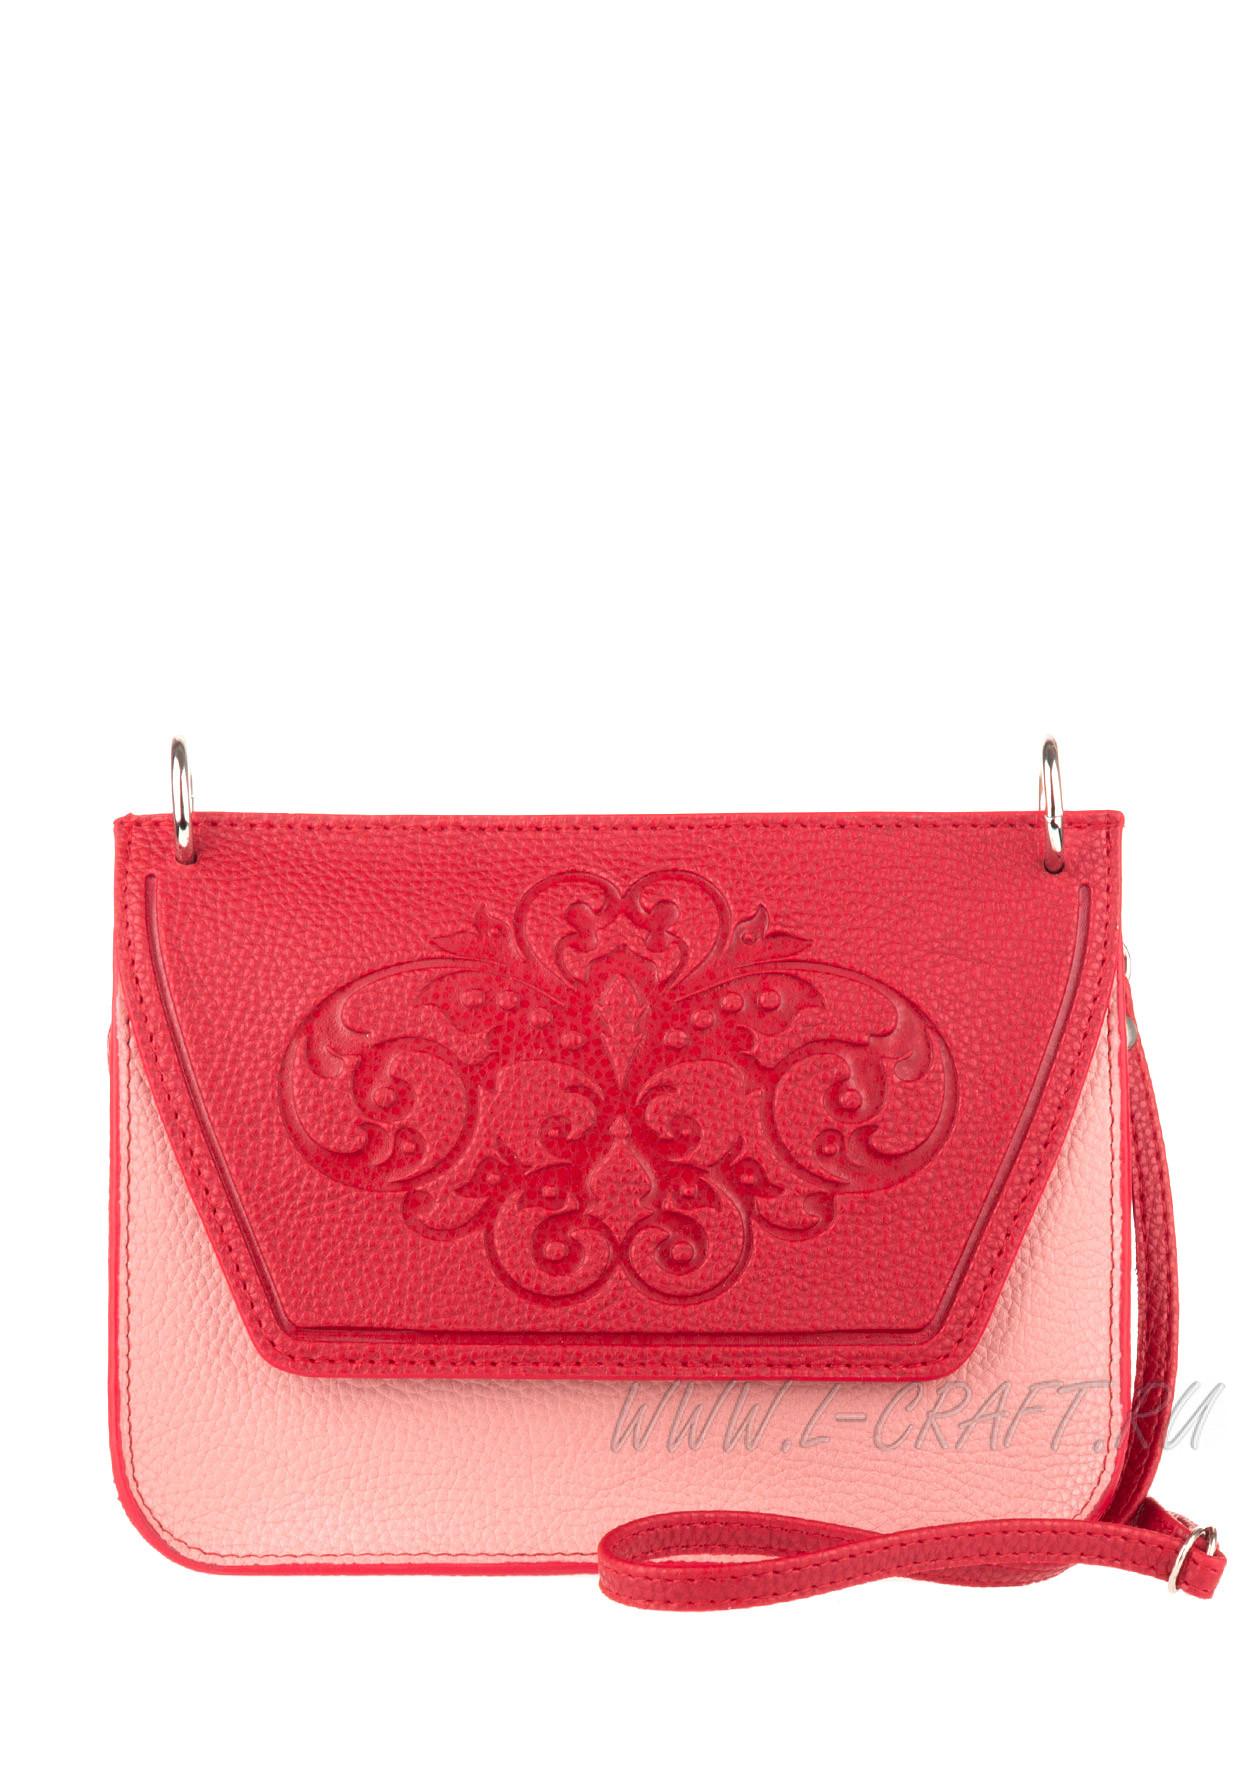 Модель №V135 | кожзам | гладкий тиснение | красный розовый | Р775-13 | 2576